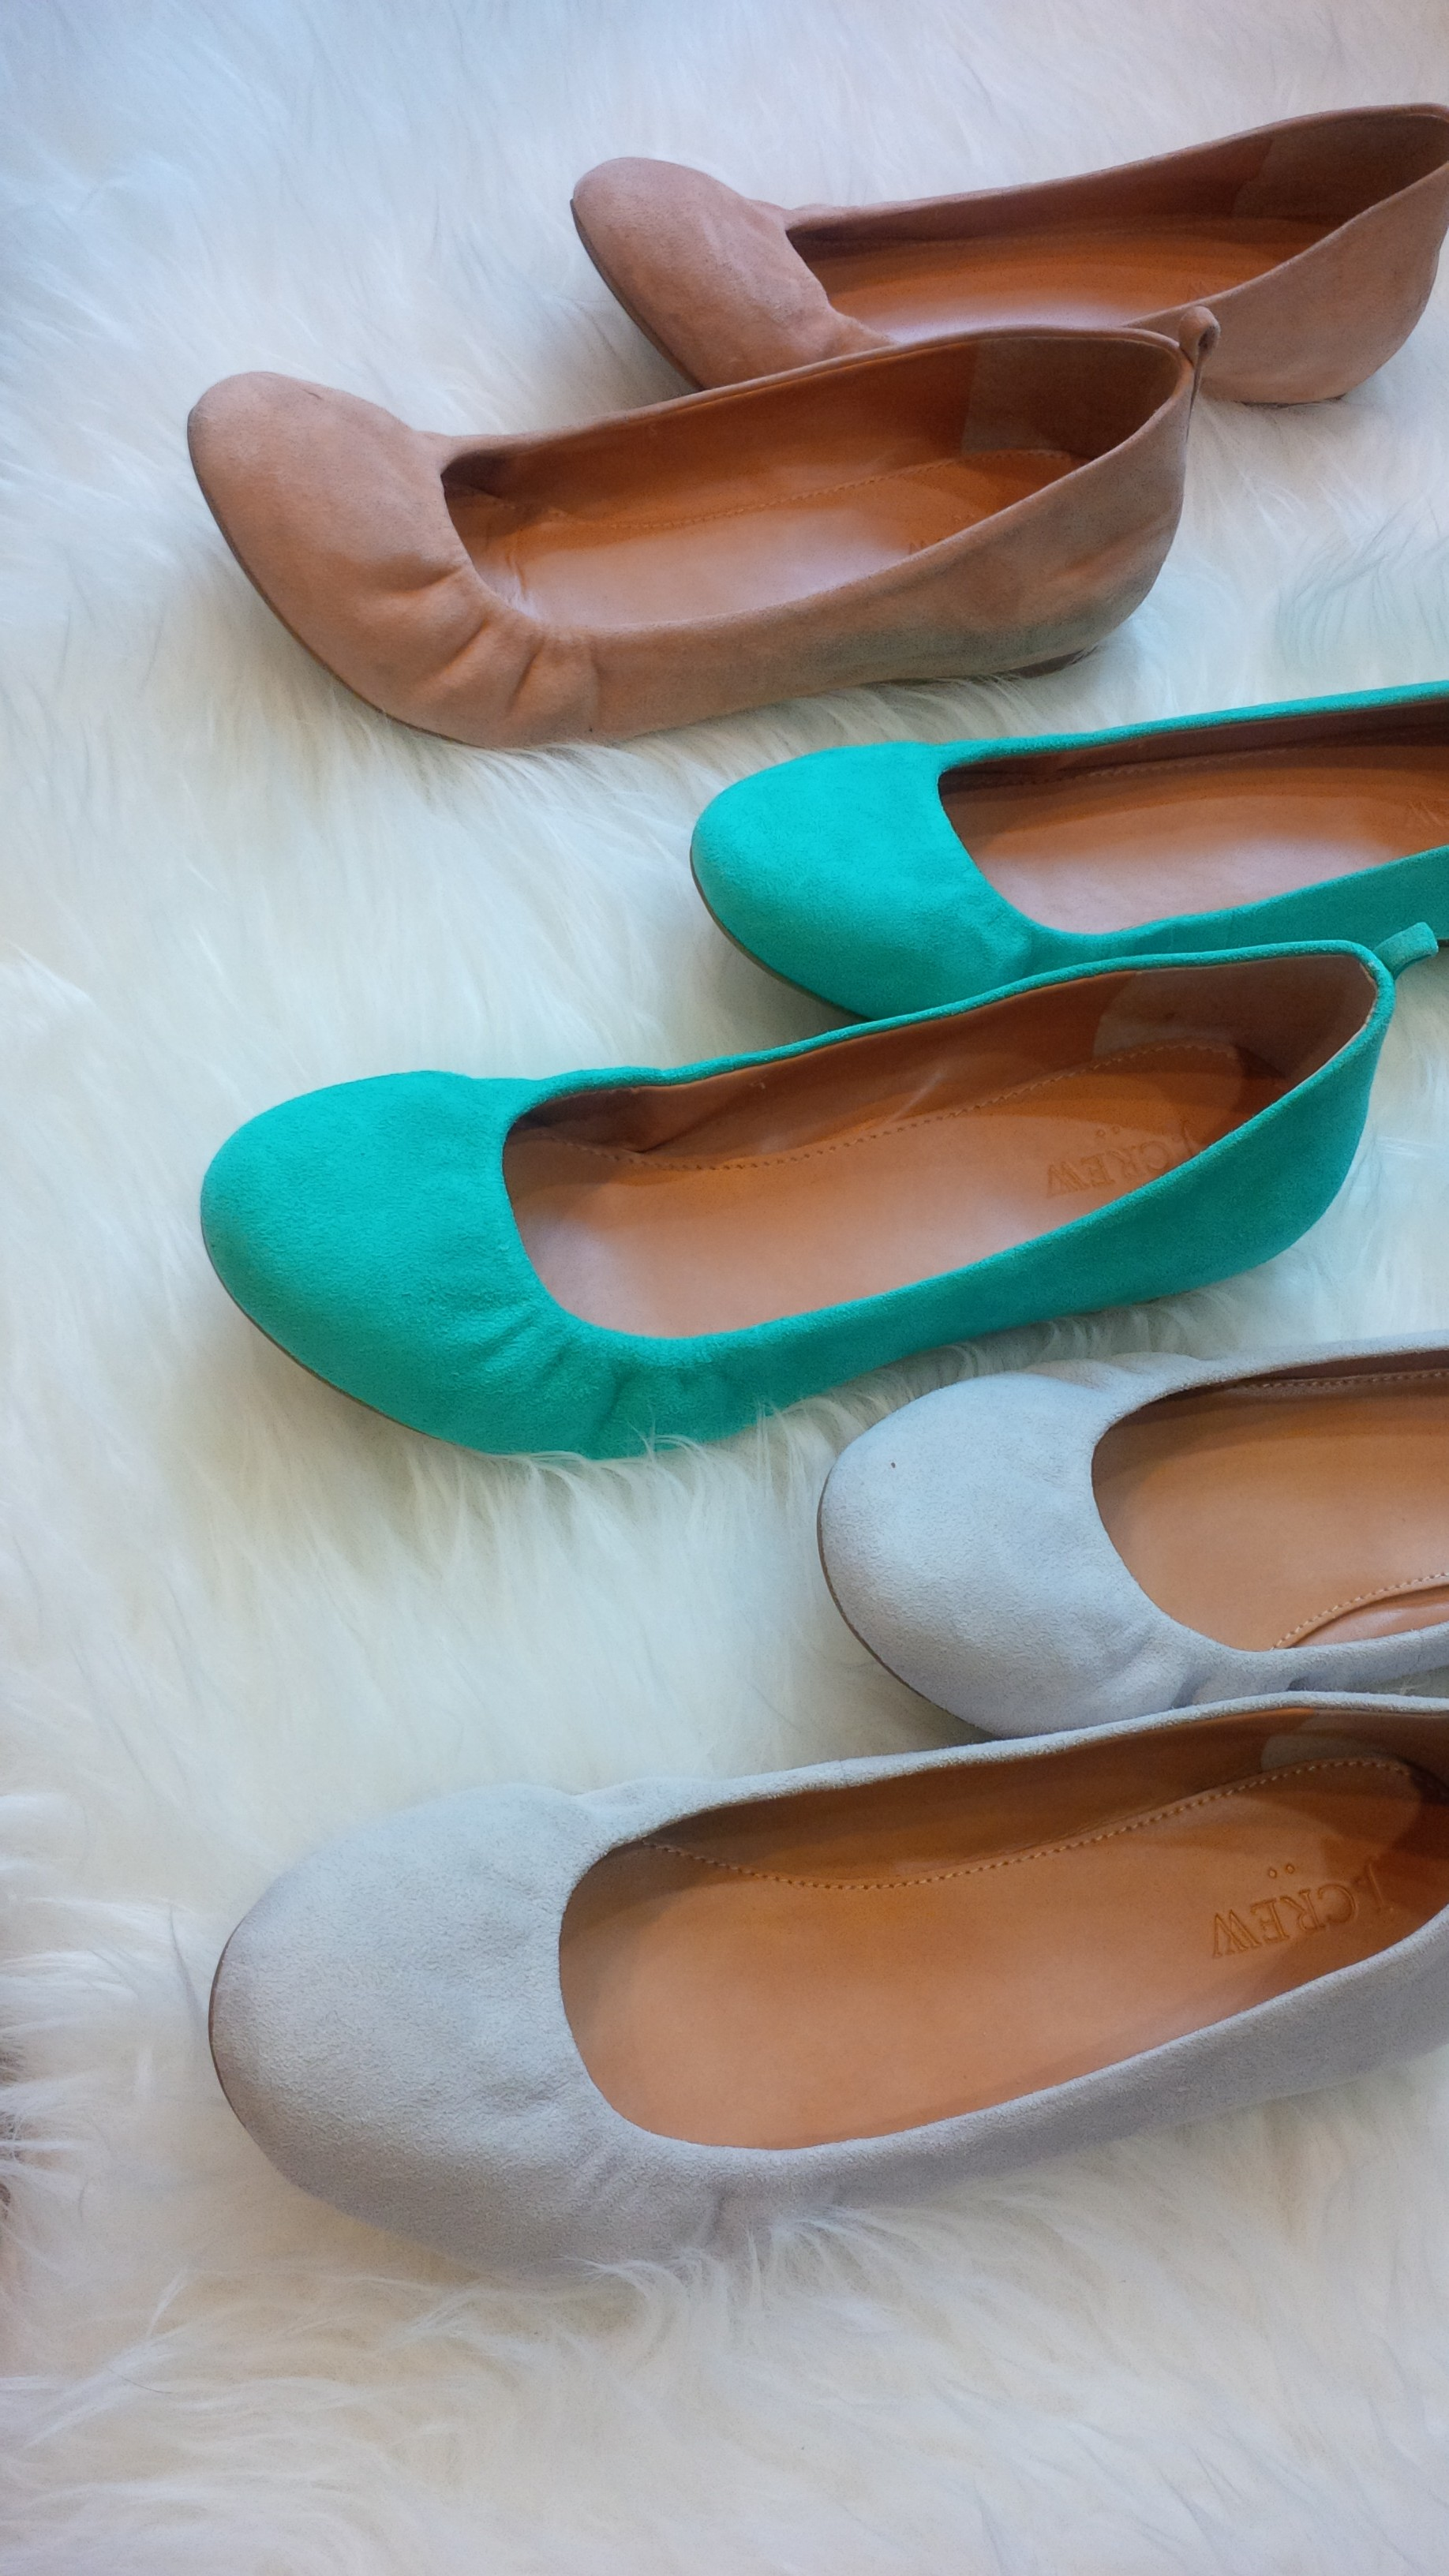 J Crew Anya Suede Ballet Flats